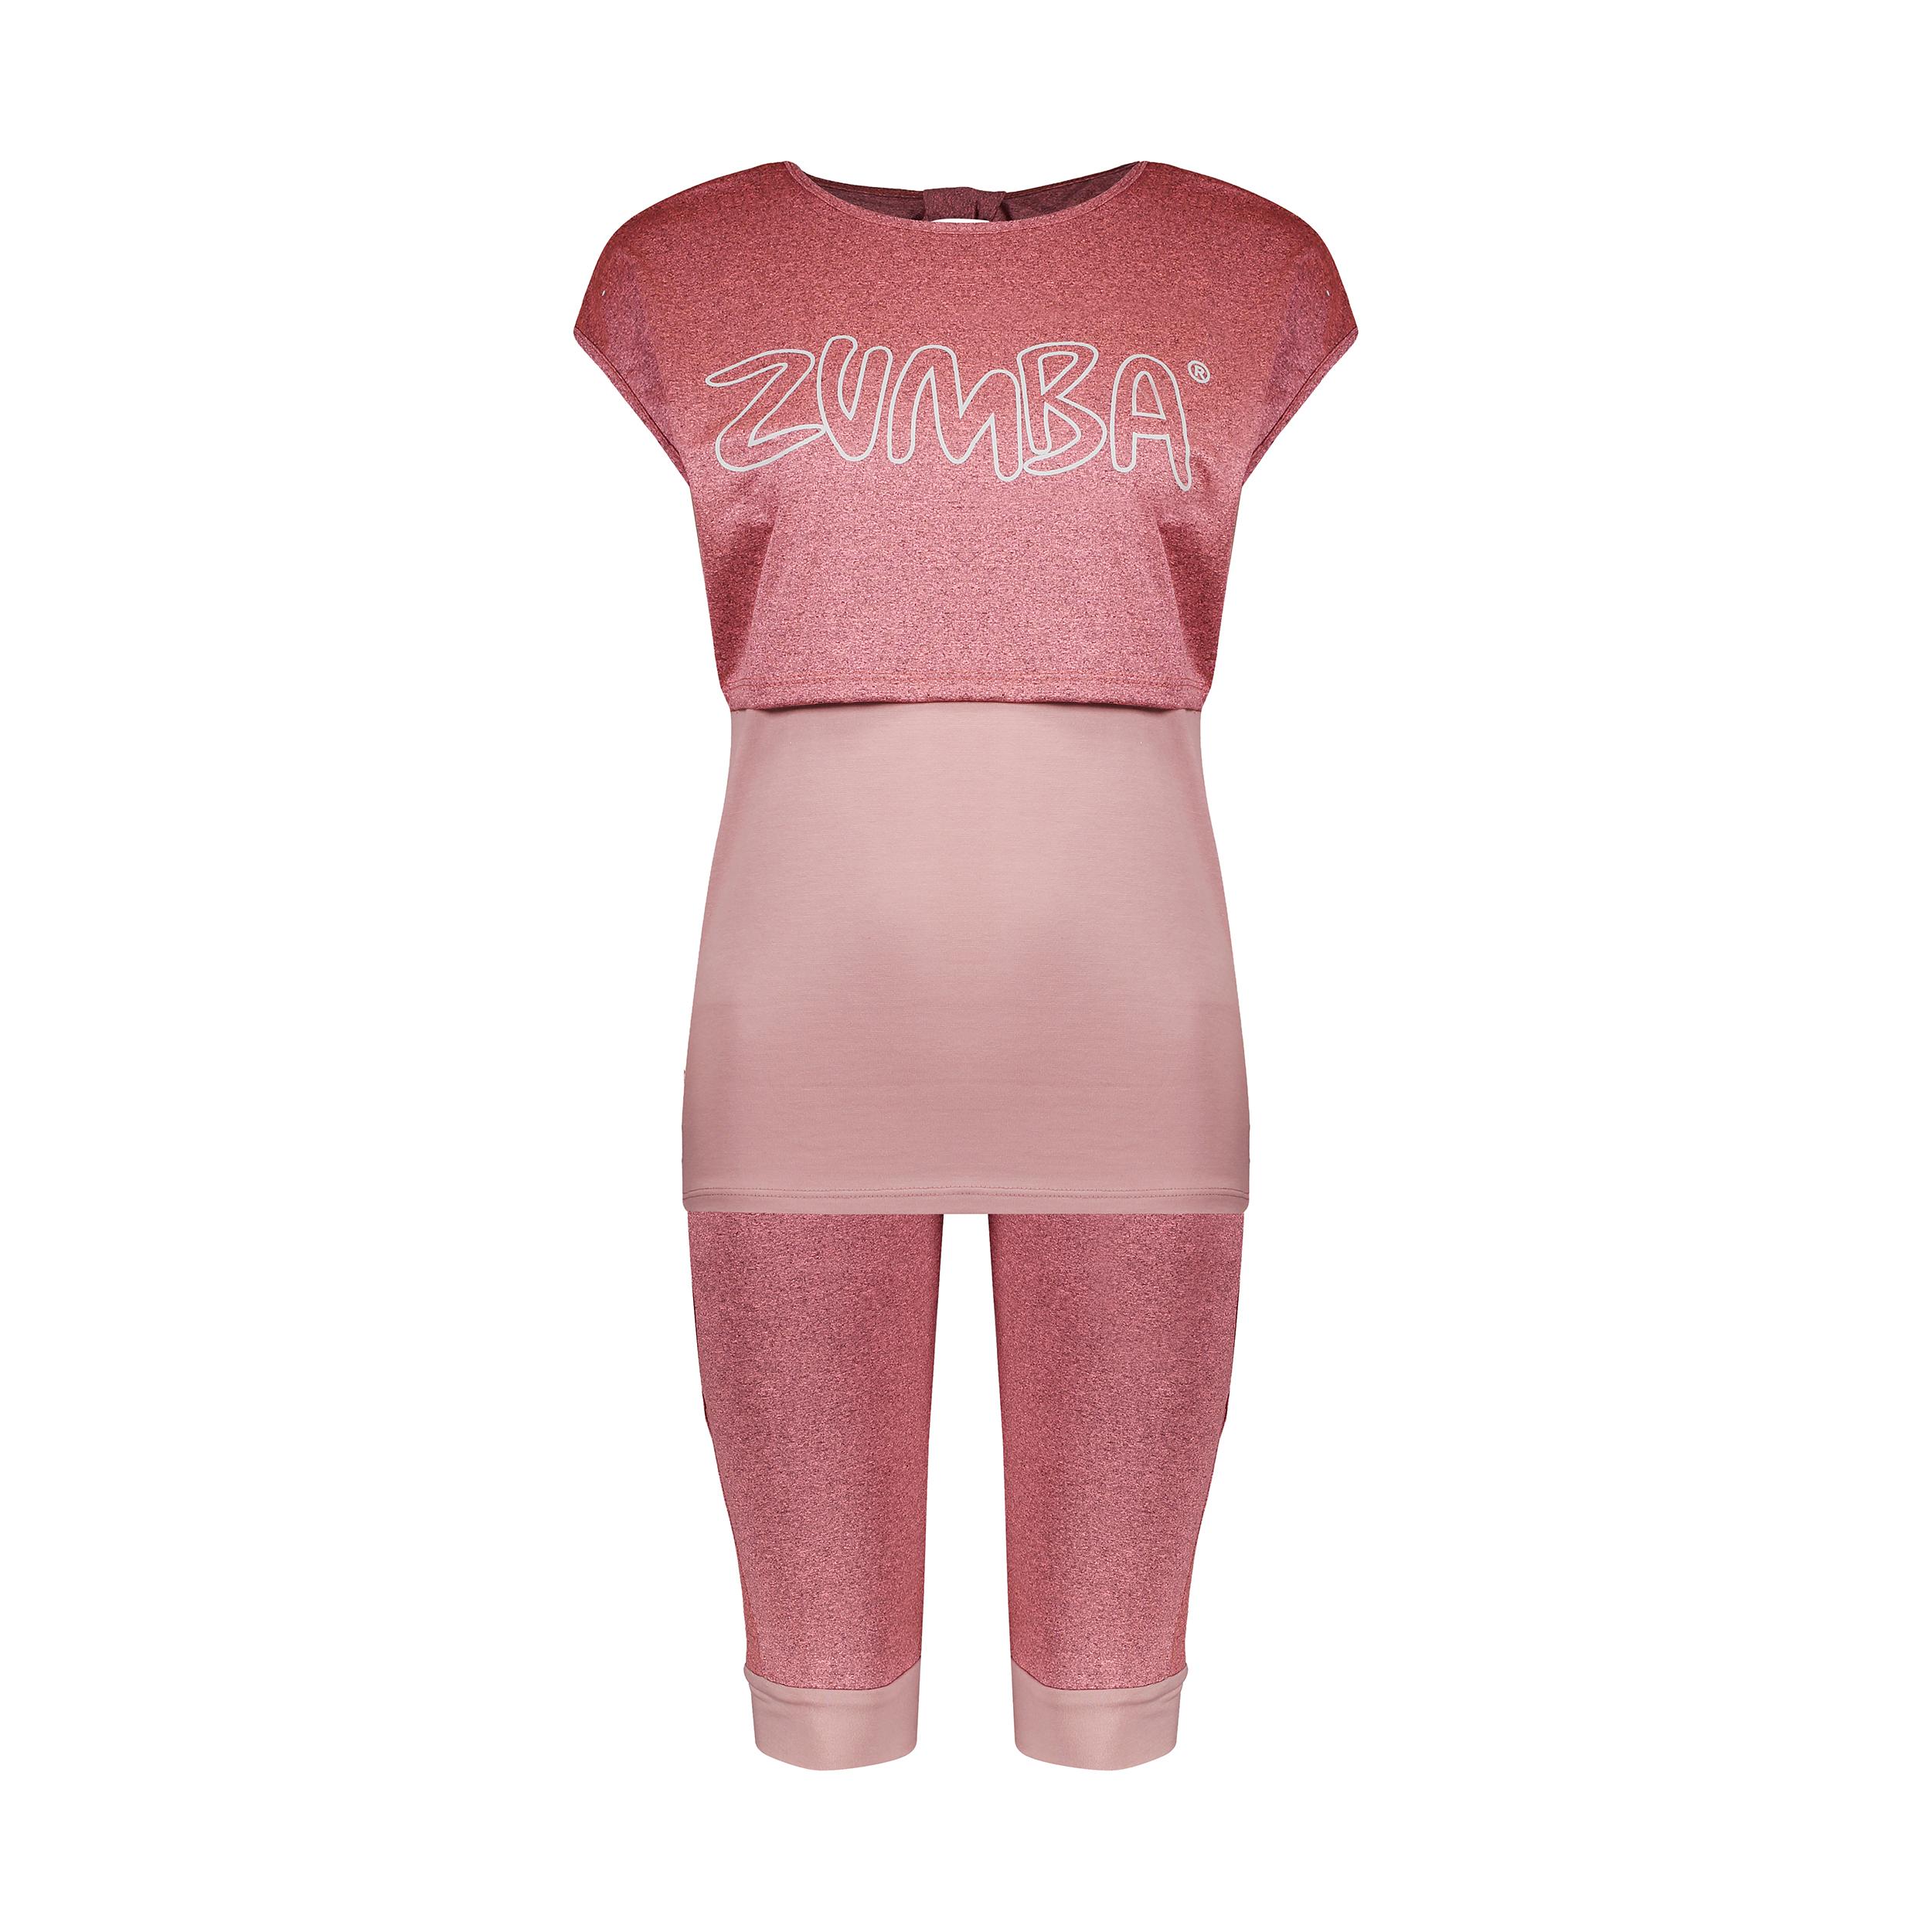 ست 3 تکه لباس ورزشی زنانه کد Mhr-1016